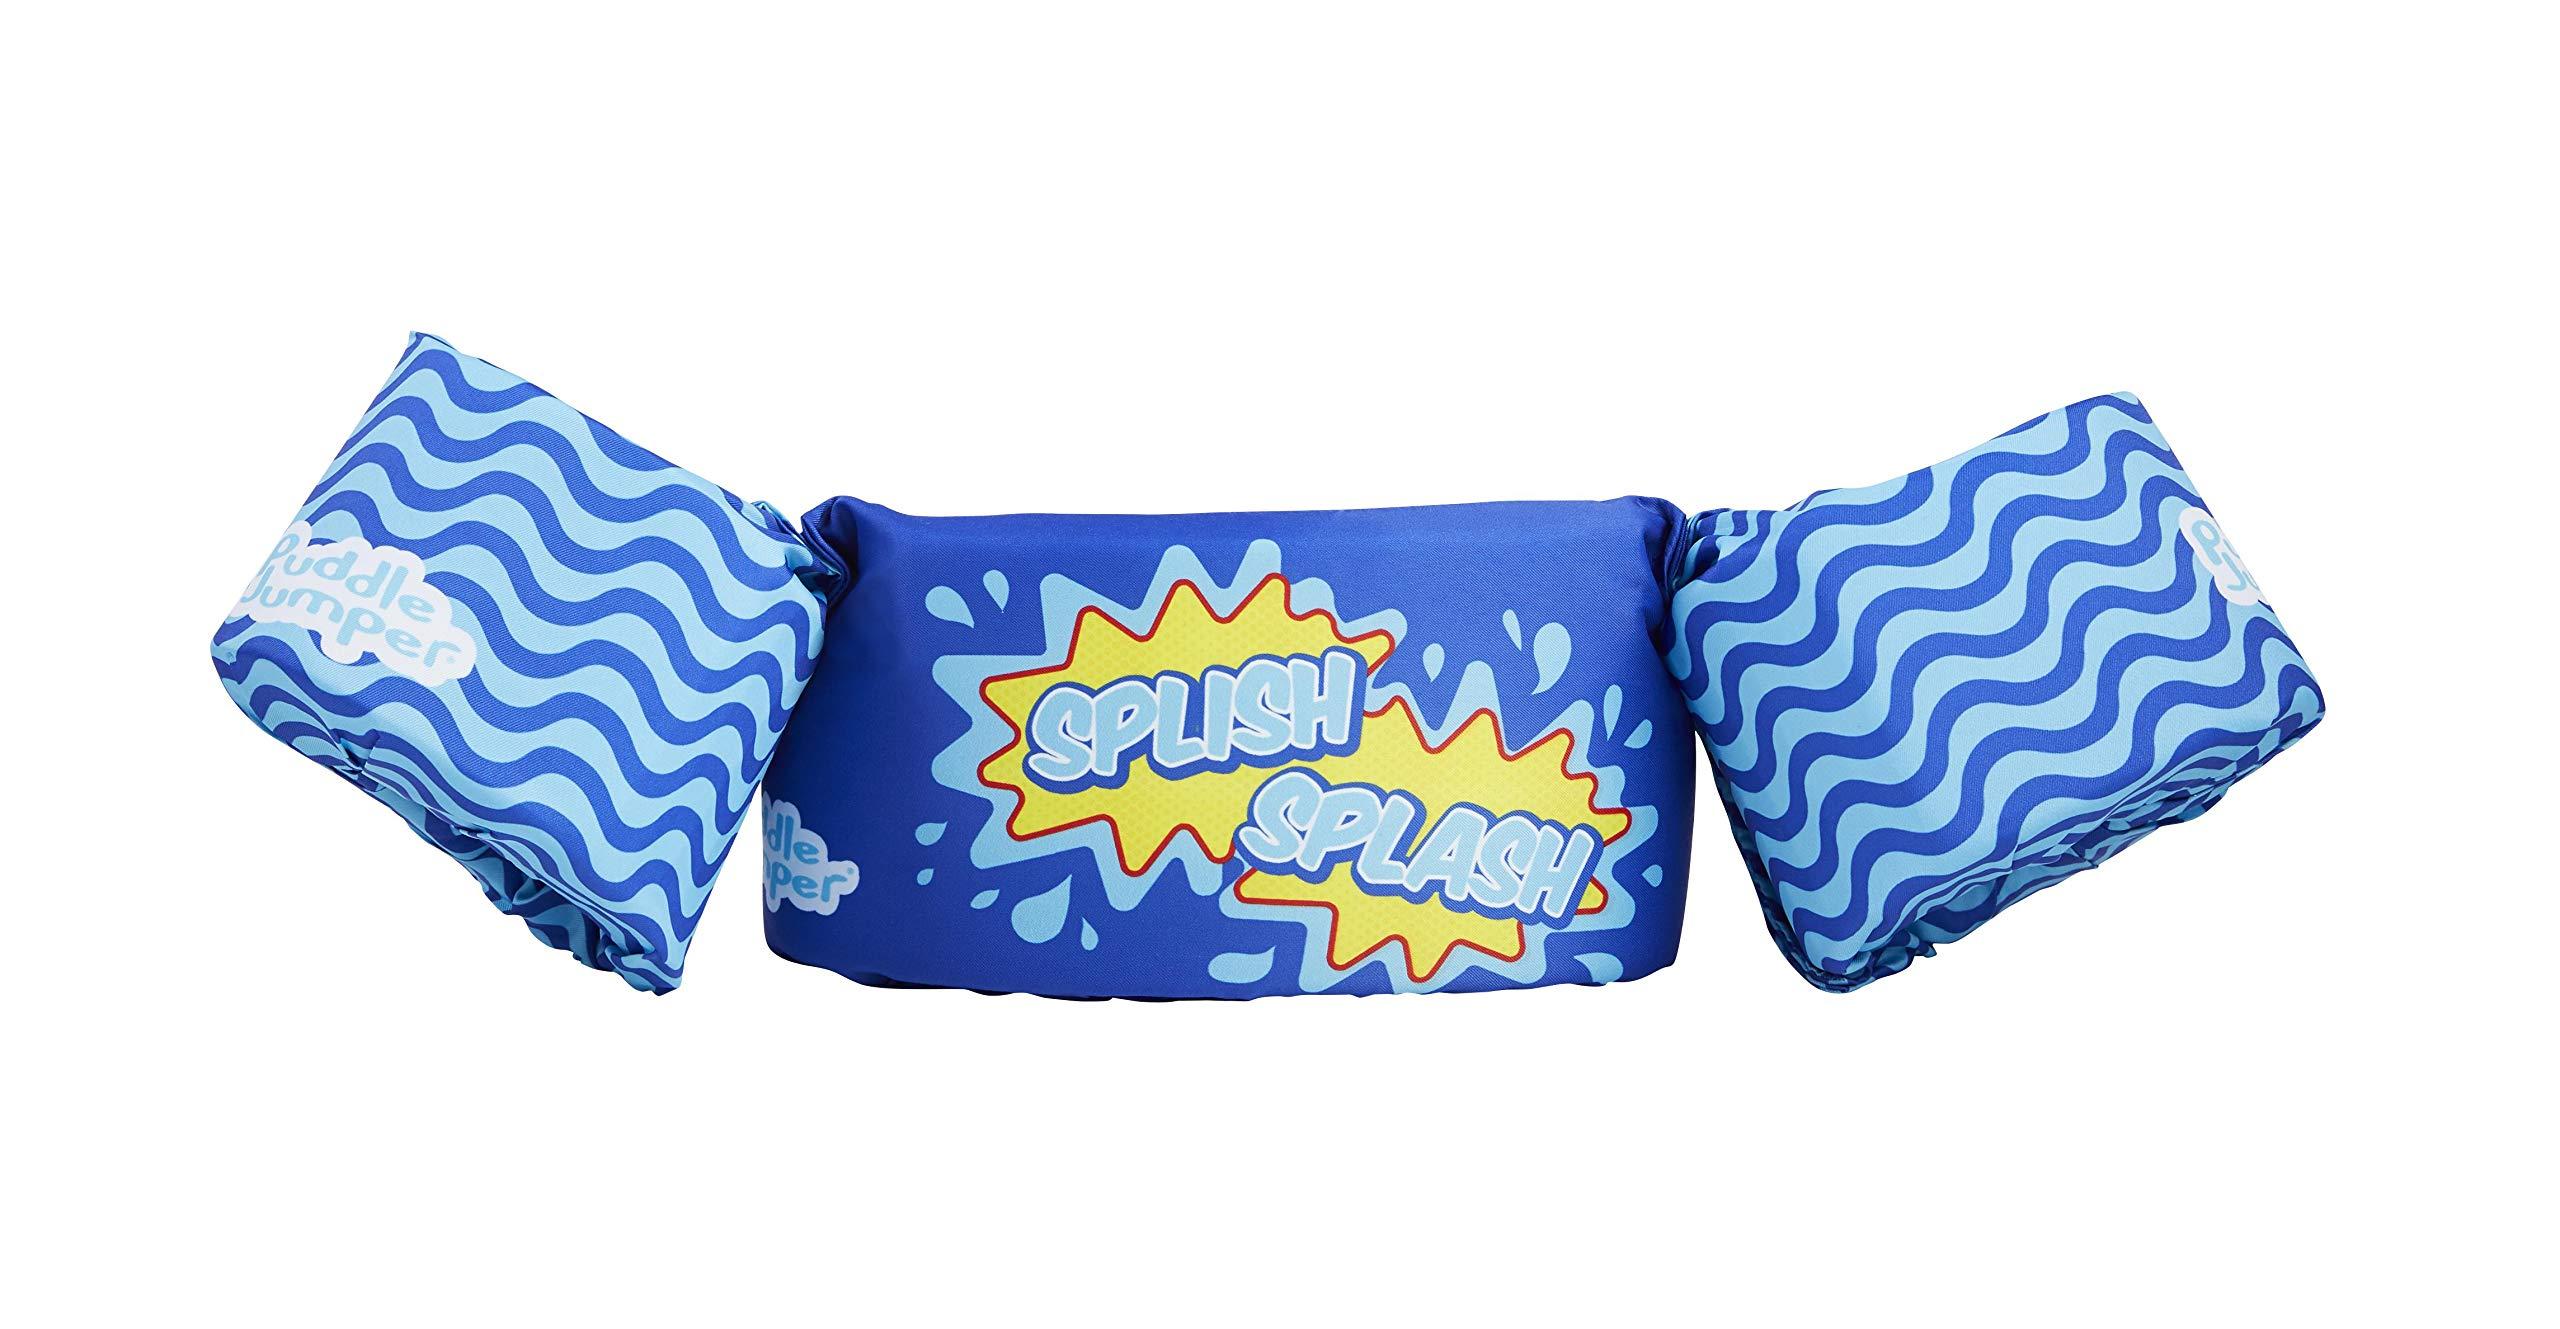 Stearns Puddle Jumper Kids Life Jacket | Life Vest for Children, Splash, 30-50 Pounds by Stearns